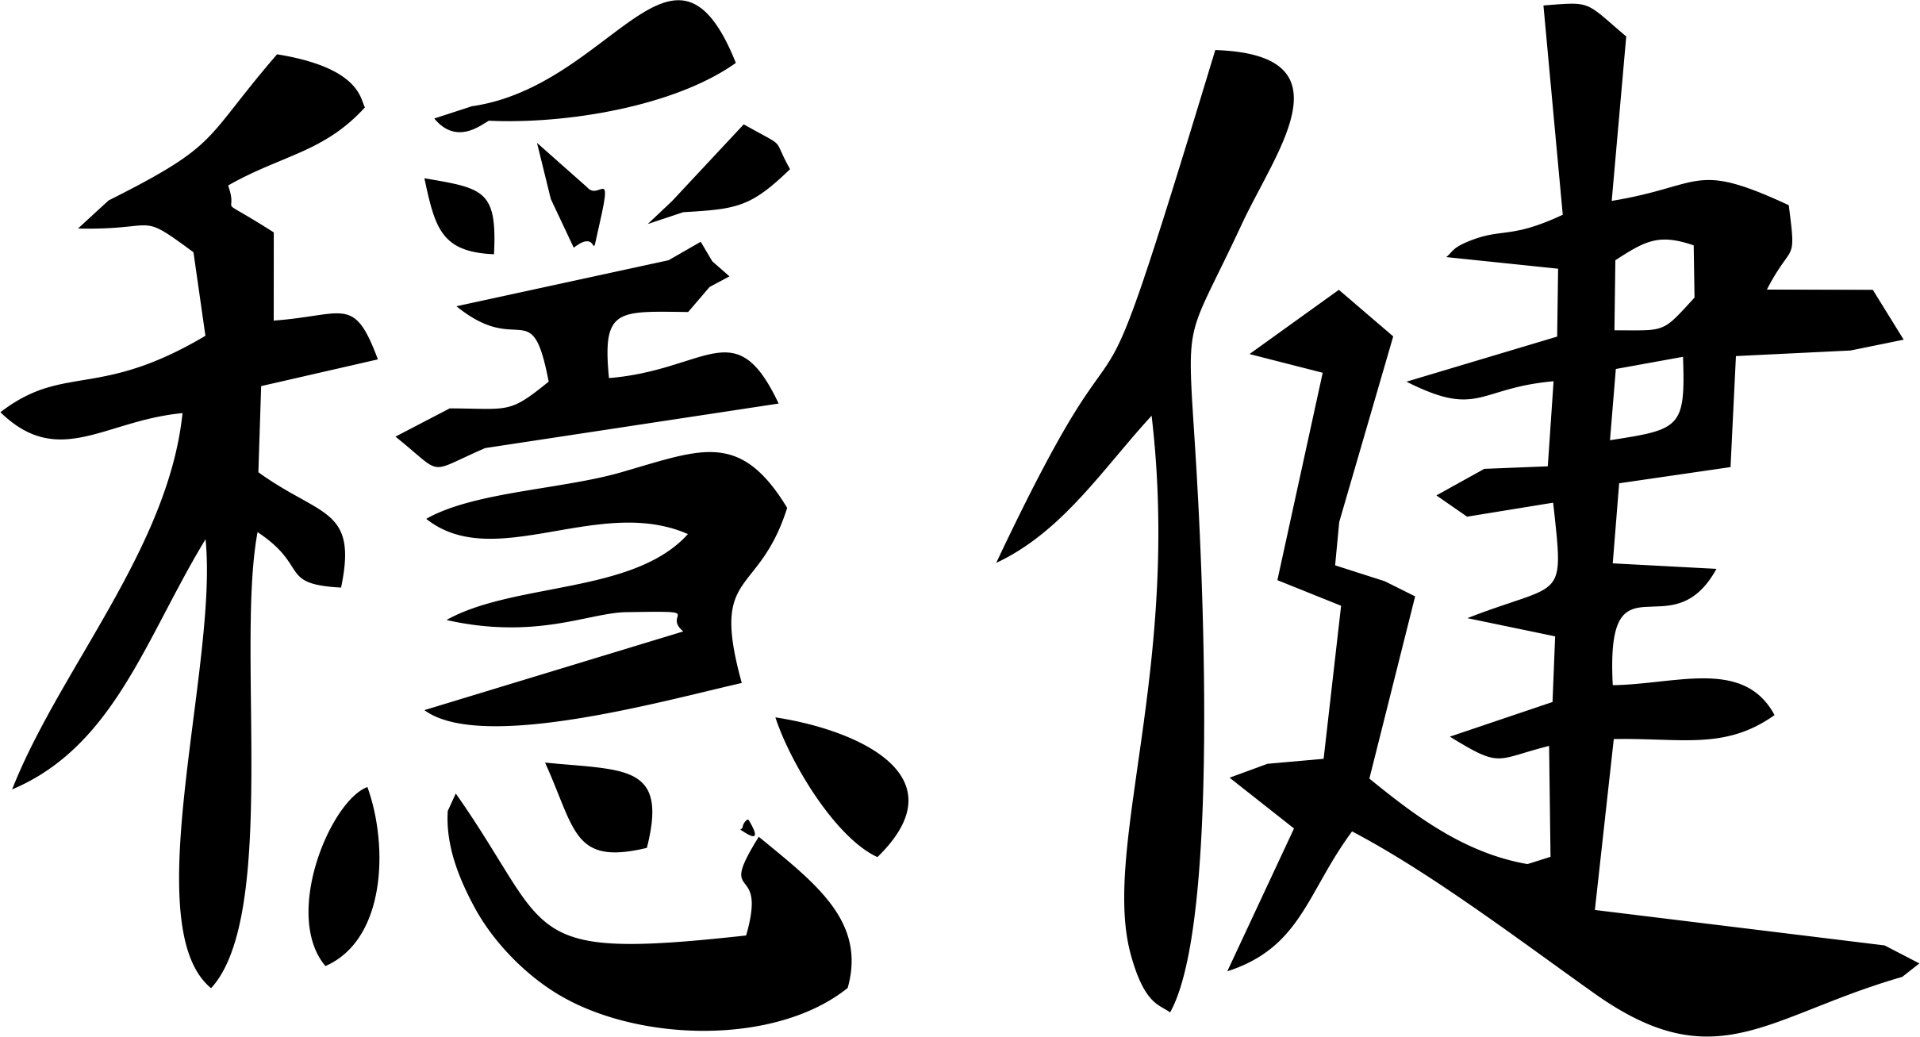 chinesische zeichen beschriftung druck. Black Bedroom Furniture Sets. Home Design Ideas